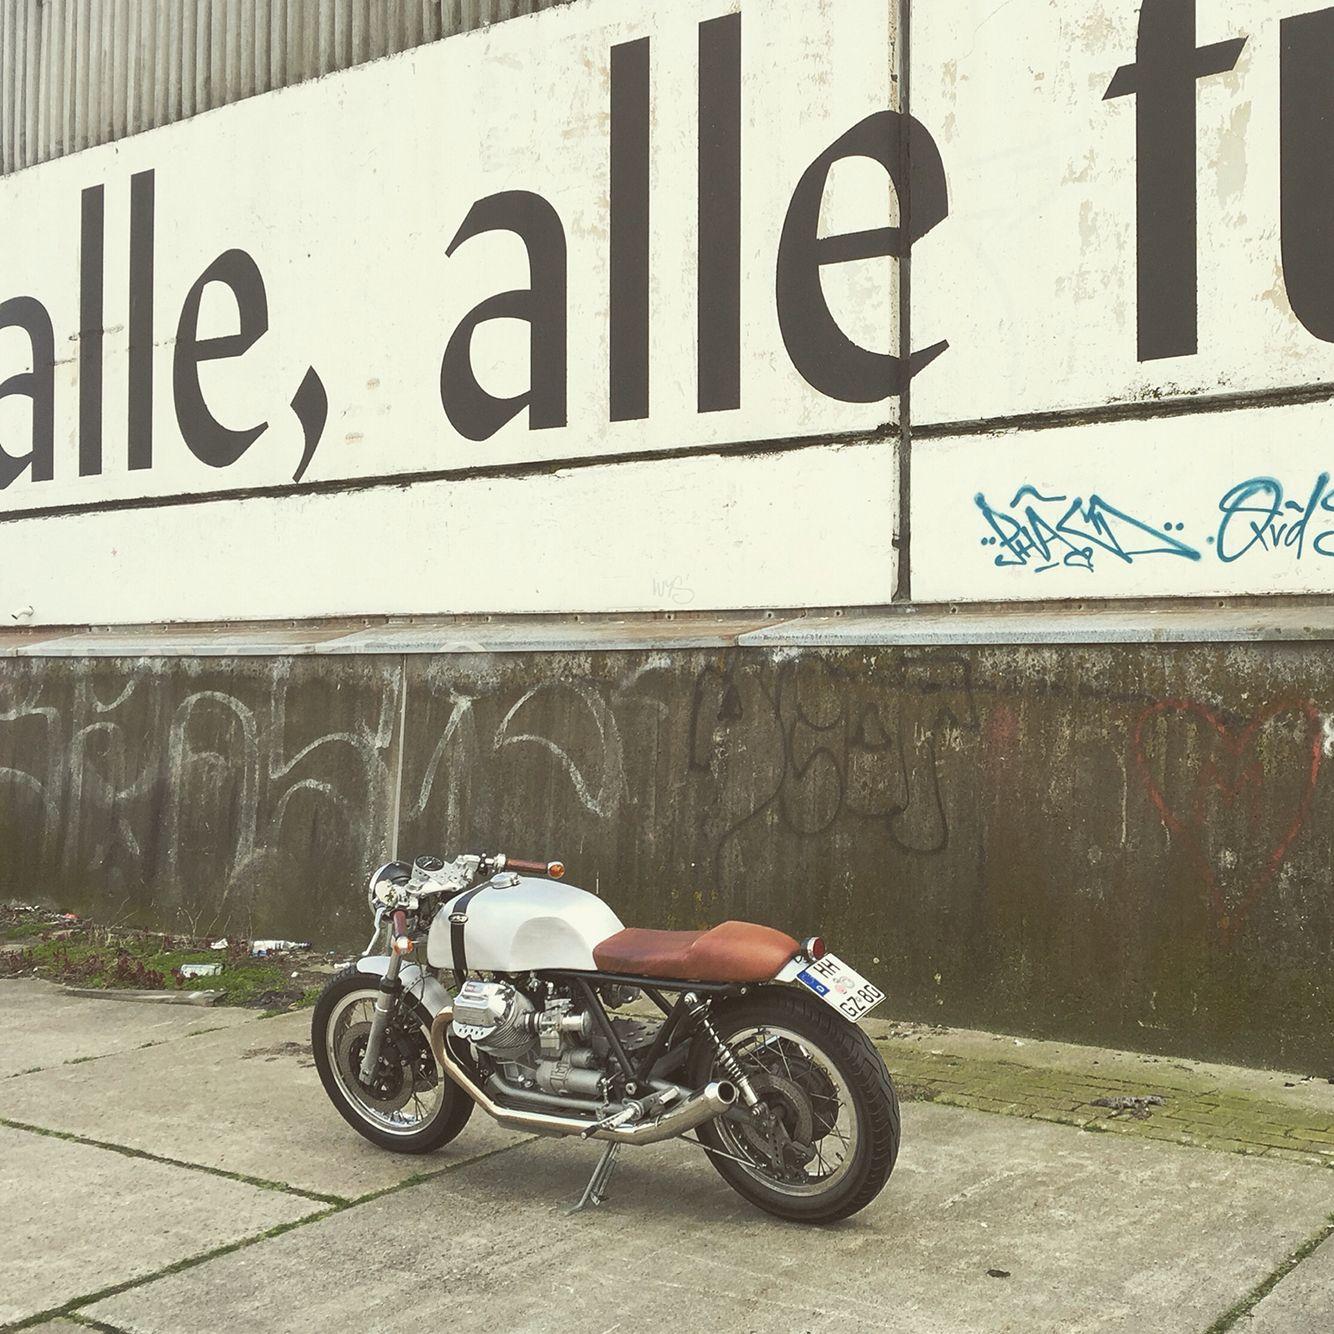 Alle, alle für ein ... Motorrad. Feierabend with my Moto Guzzi KM8 LM2 #kaffeemaschine #km8 #blackbeltmonkey #hamburg #caferacer #axelbudde #motoguzzi #lemans #allefuermotoguzzi #motorcycle #motorrad #karre #custom #custommotorcycle #vintagebike #vintage #lm2